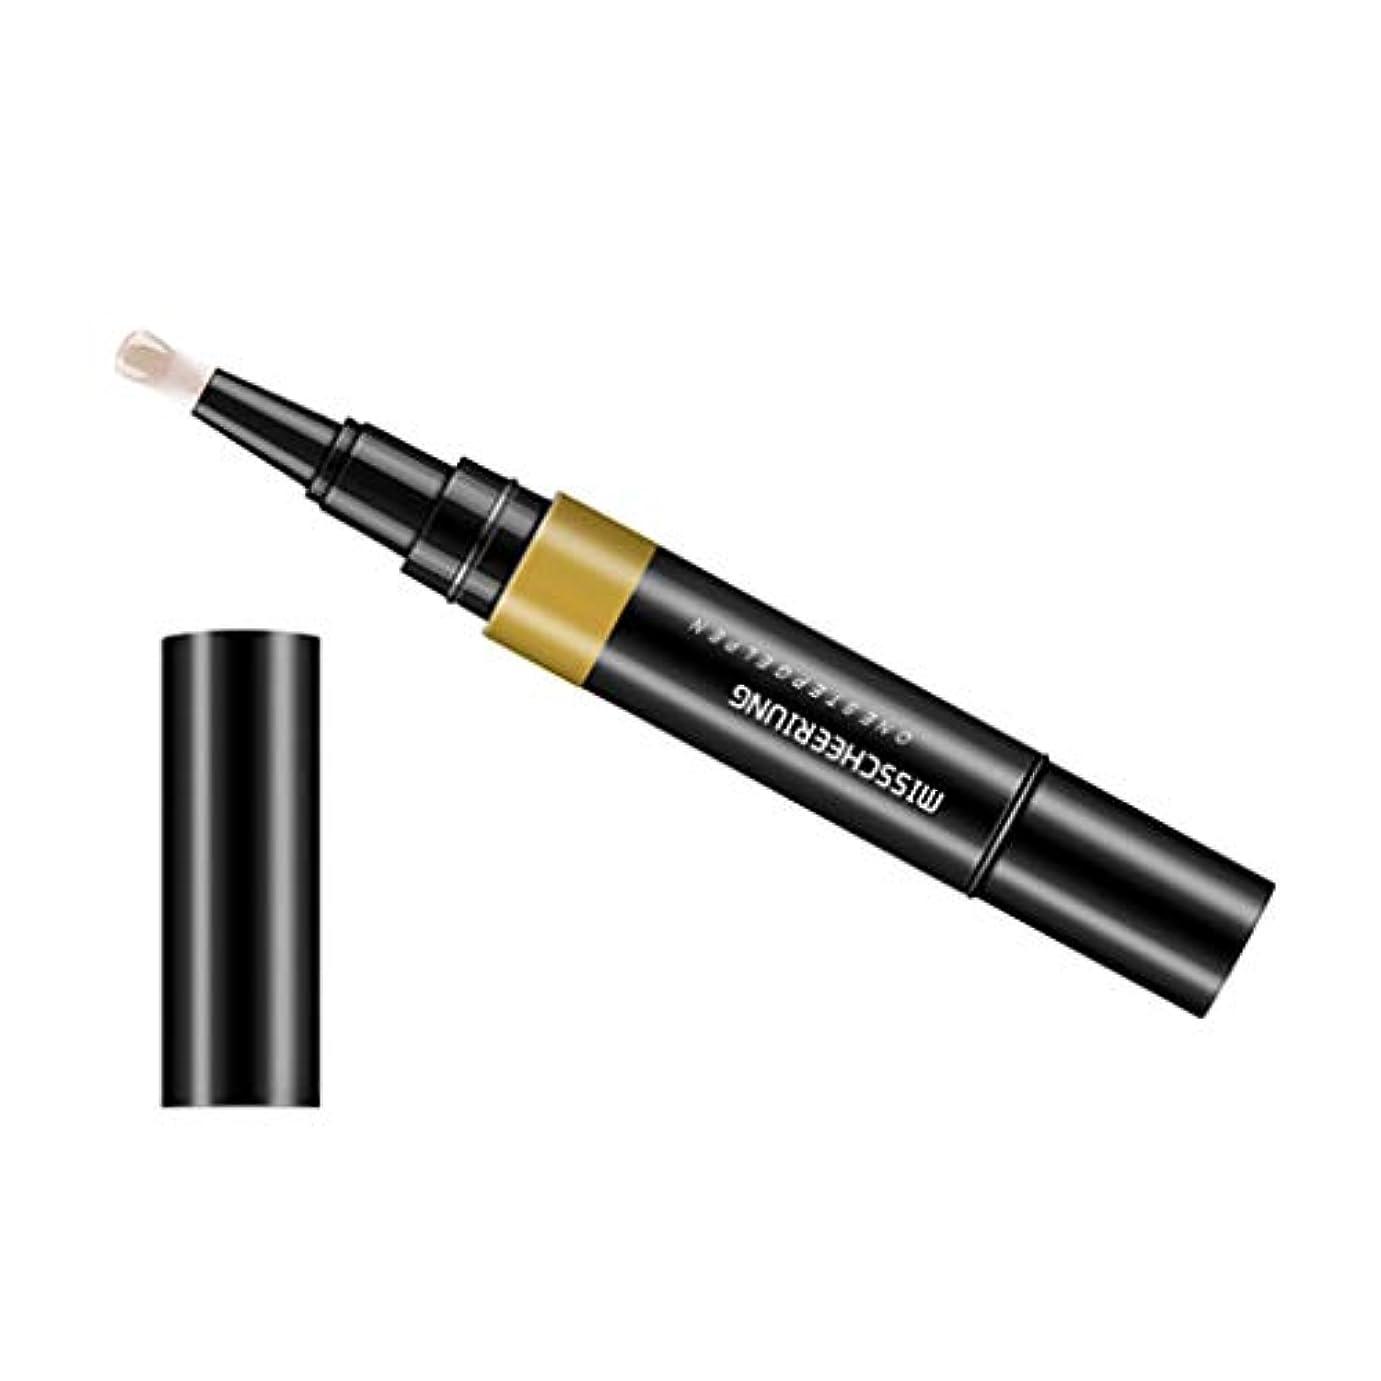 なだめる寸法受け取るToygogo ジェル マニキュアペン ワニスラッカー ネイルアートペン 3 イン 1 サロン 初心者 セルフネイル DIY - ヌード